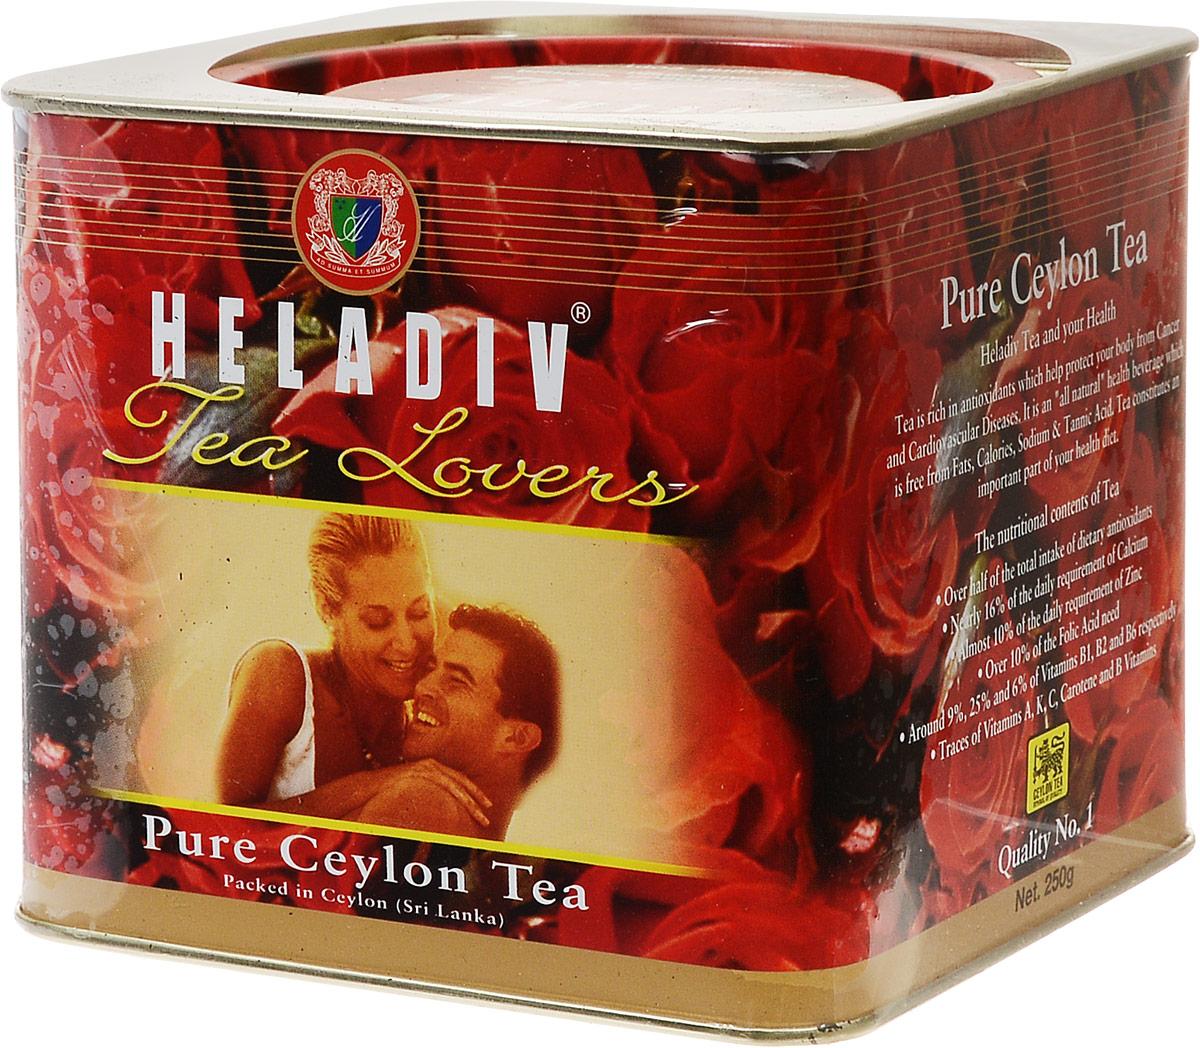 Heladiv Tea Lovers черный листовой чай, 250 г4791007001645Черный листовой чай Heladiv Tea Lovers - чудесный исцеляющий напиток, снимающий чувство усталости, повышающий работоспособность организма. Способствует выведению вредных веществ из организма, укрепляет сердечно-сосудистую систему, снижает риск заболевания раком. Чай Хеладив - экологически чистый продукт, не содержит вредных веществ и жиров, в нем мало калорий, он является неотъемлемой важной частью вашей здоровой диеты.